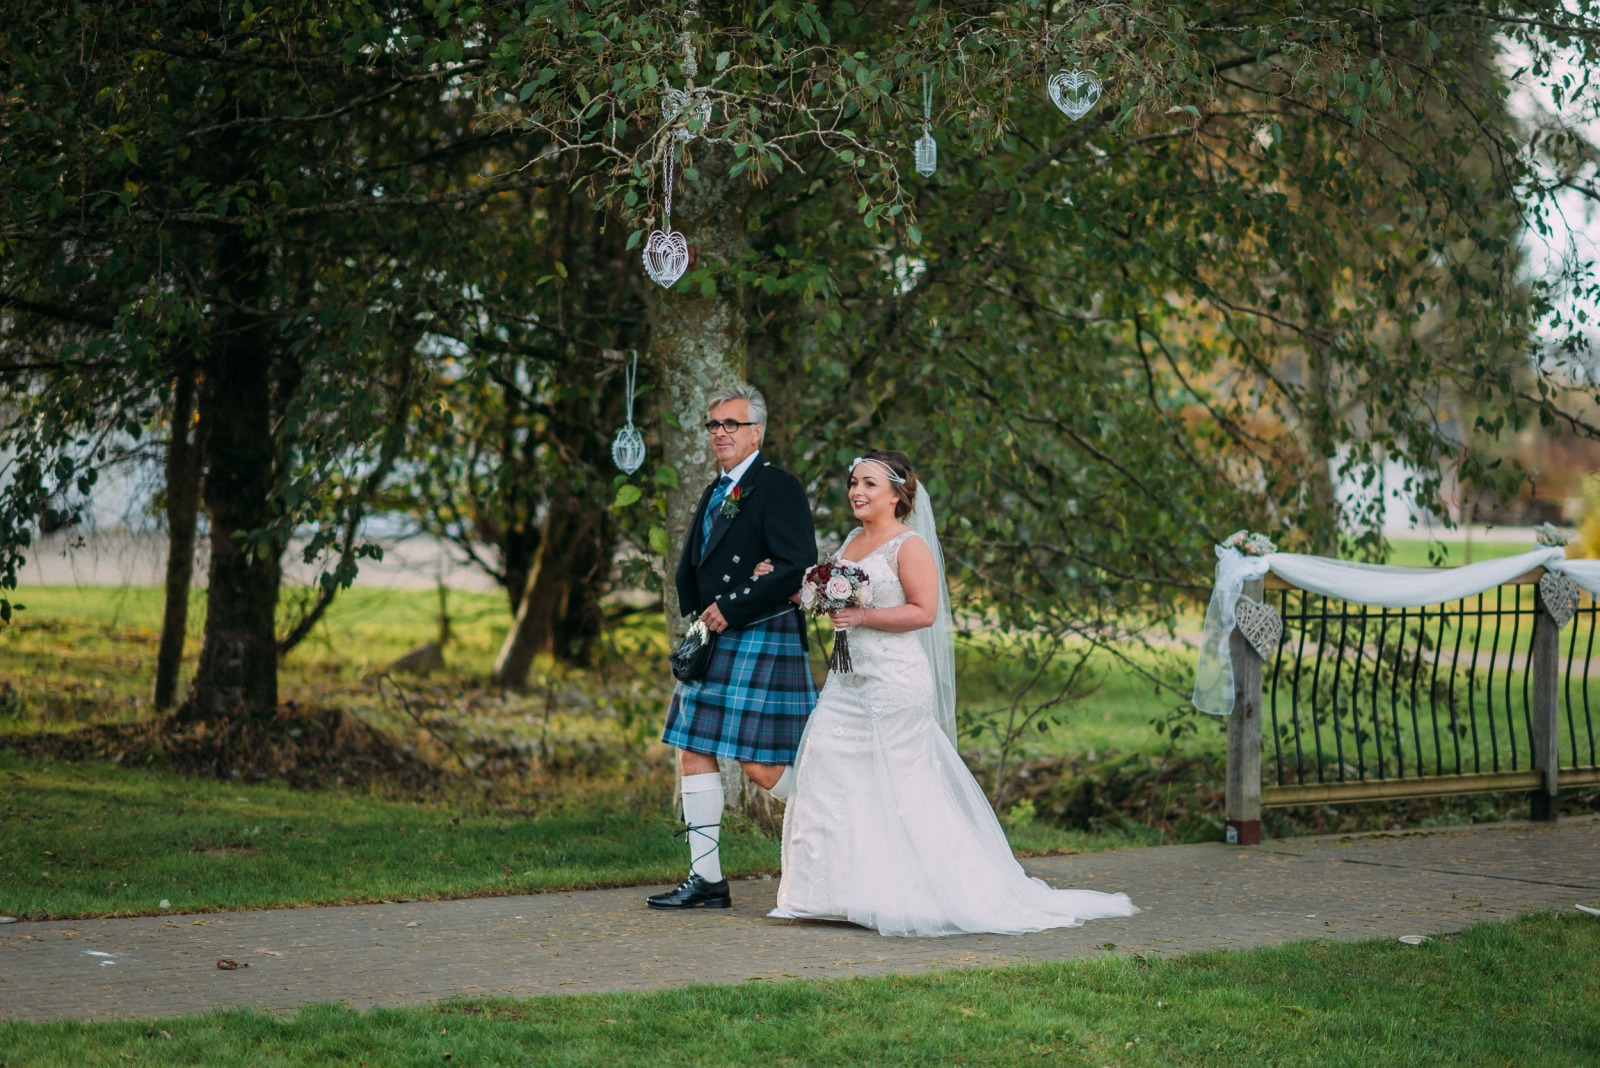 highward-house-wedding-226-of-372